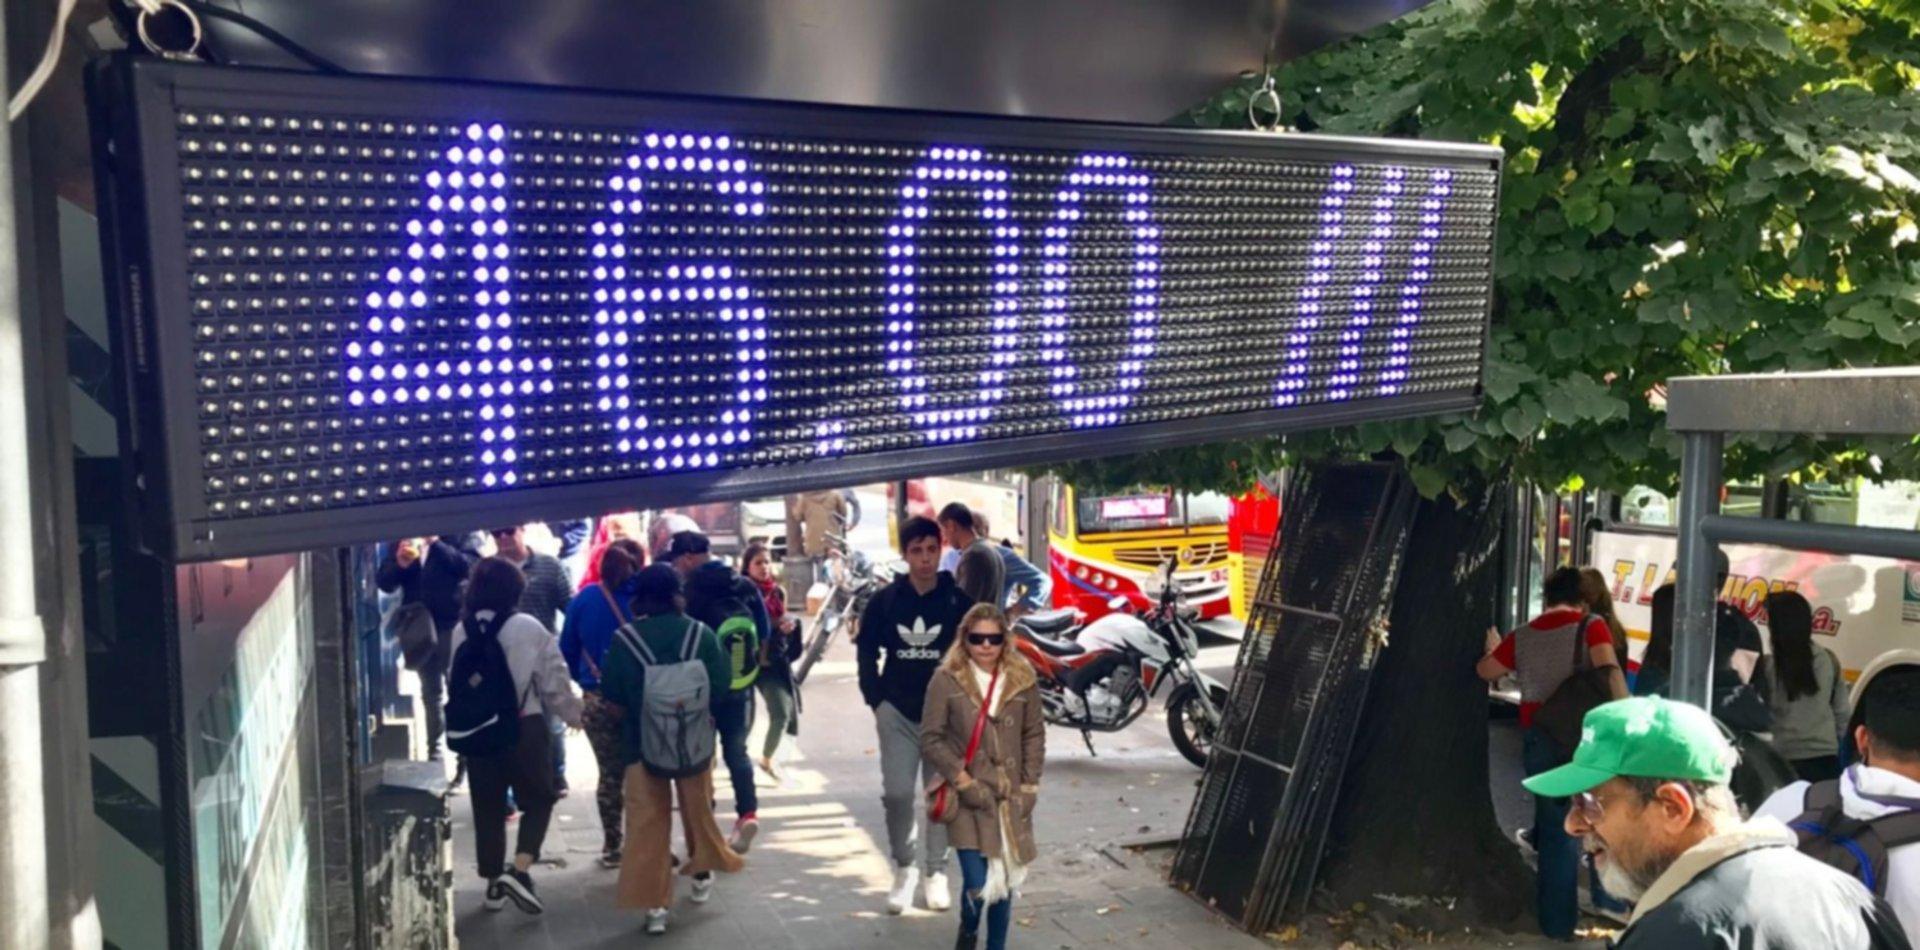 El dólar superó los $47 en La   Plata y el riesgo país pasó los 1000 puntos